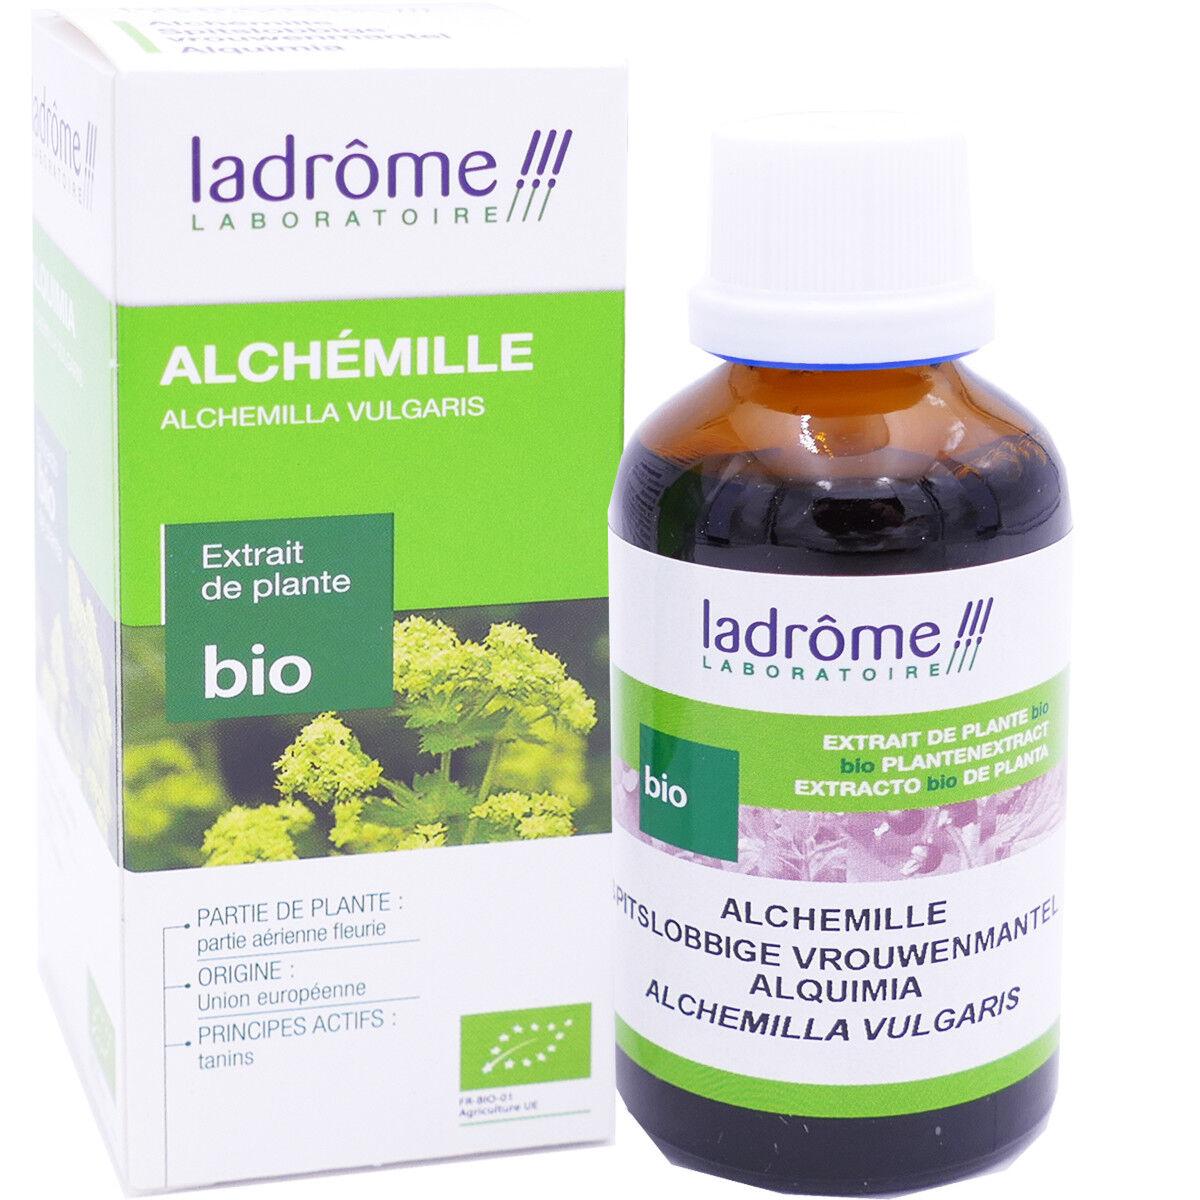 Ladrome alchemille bio 50 ml